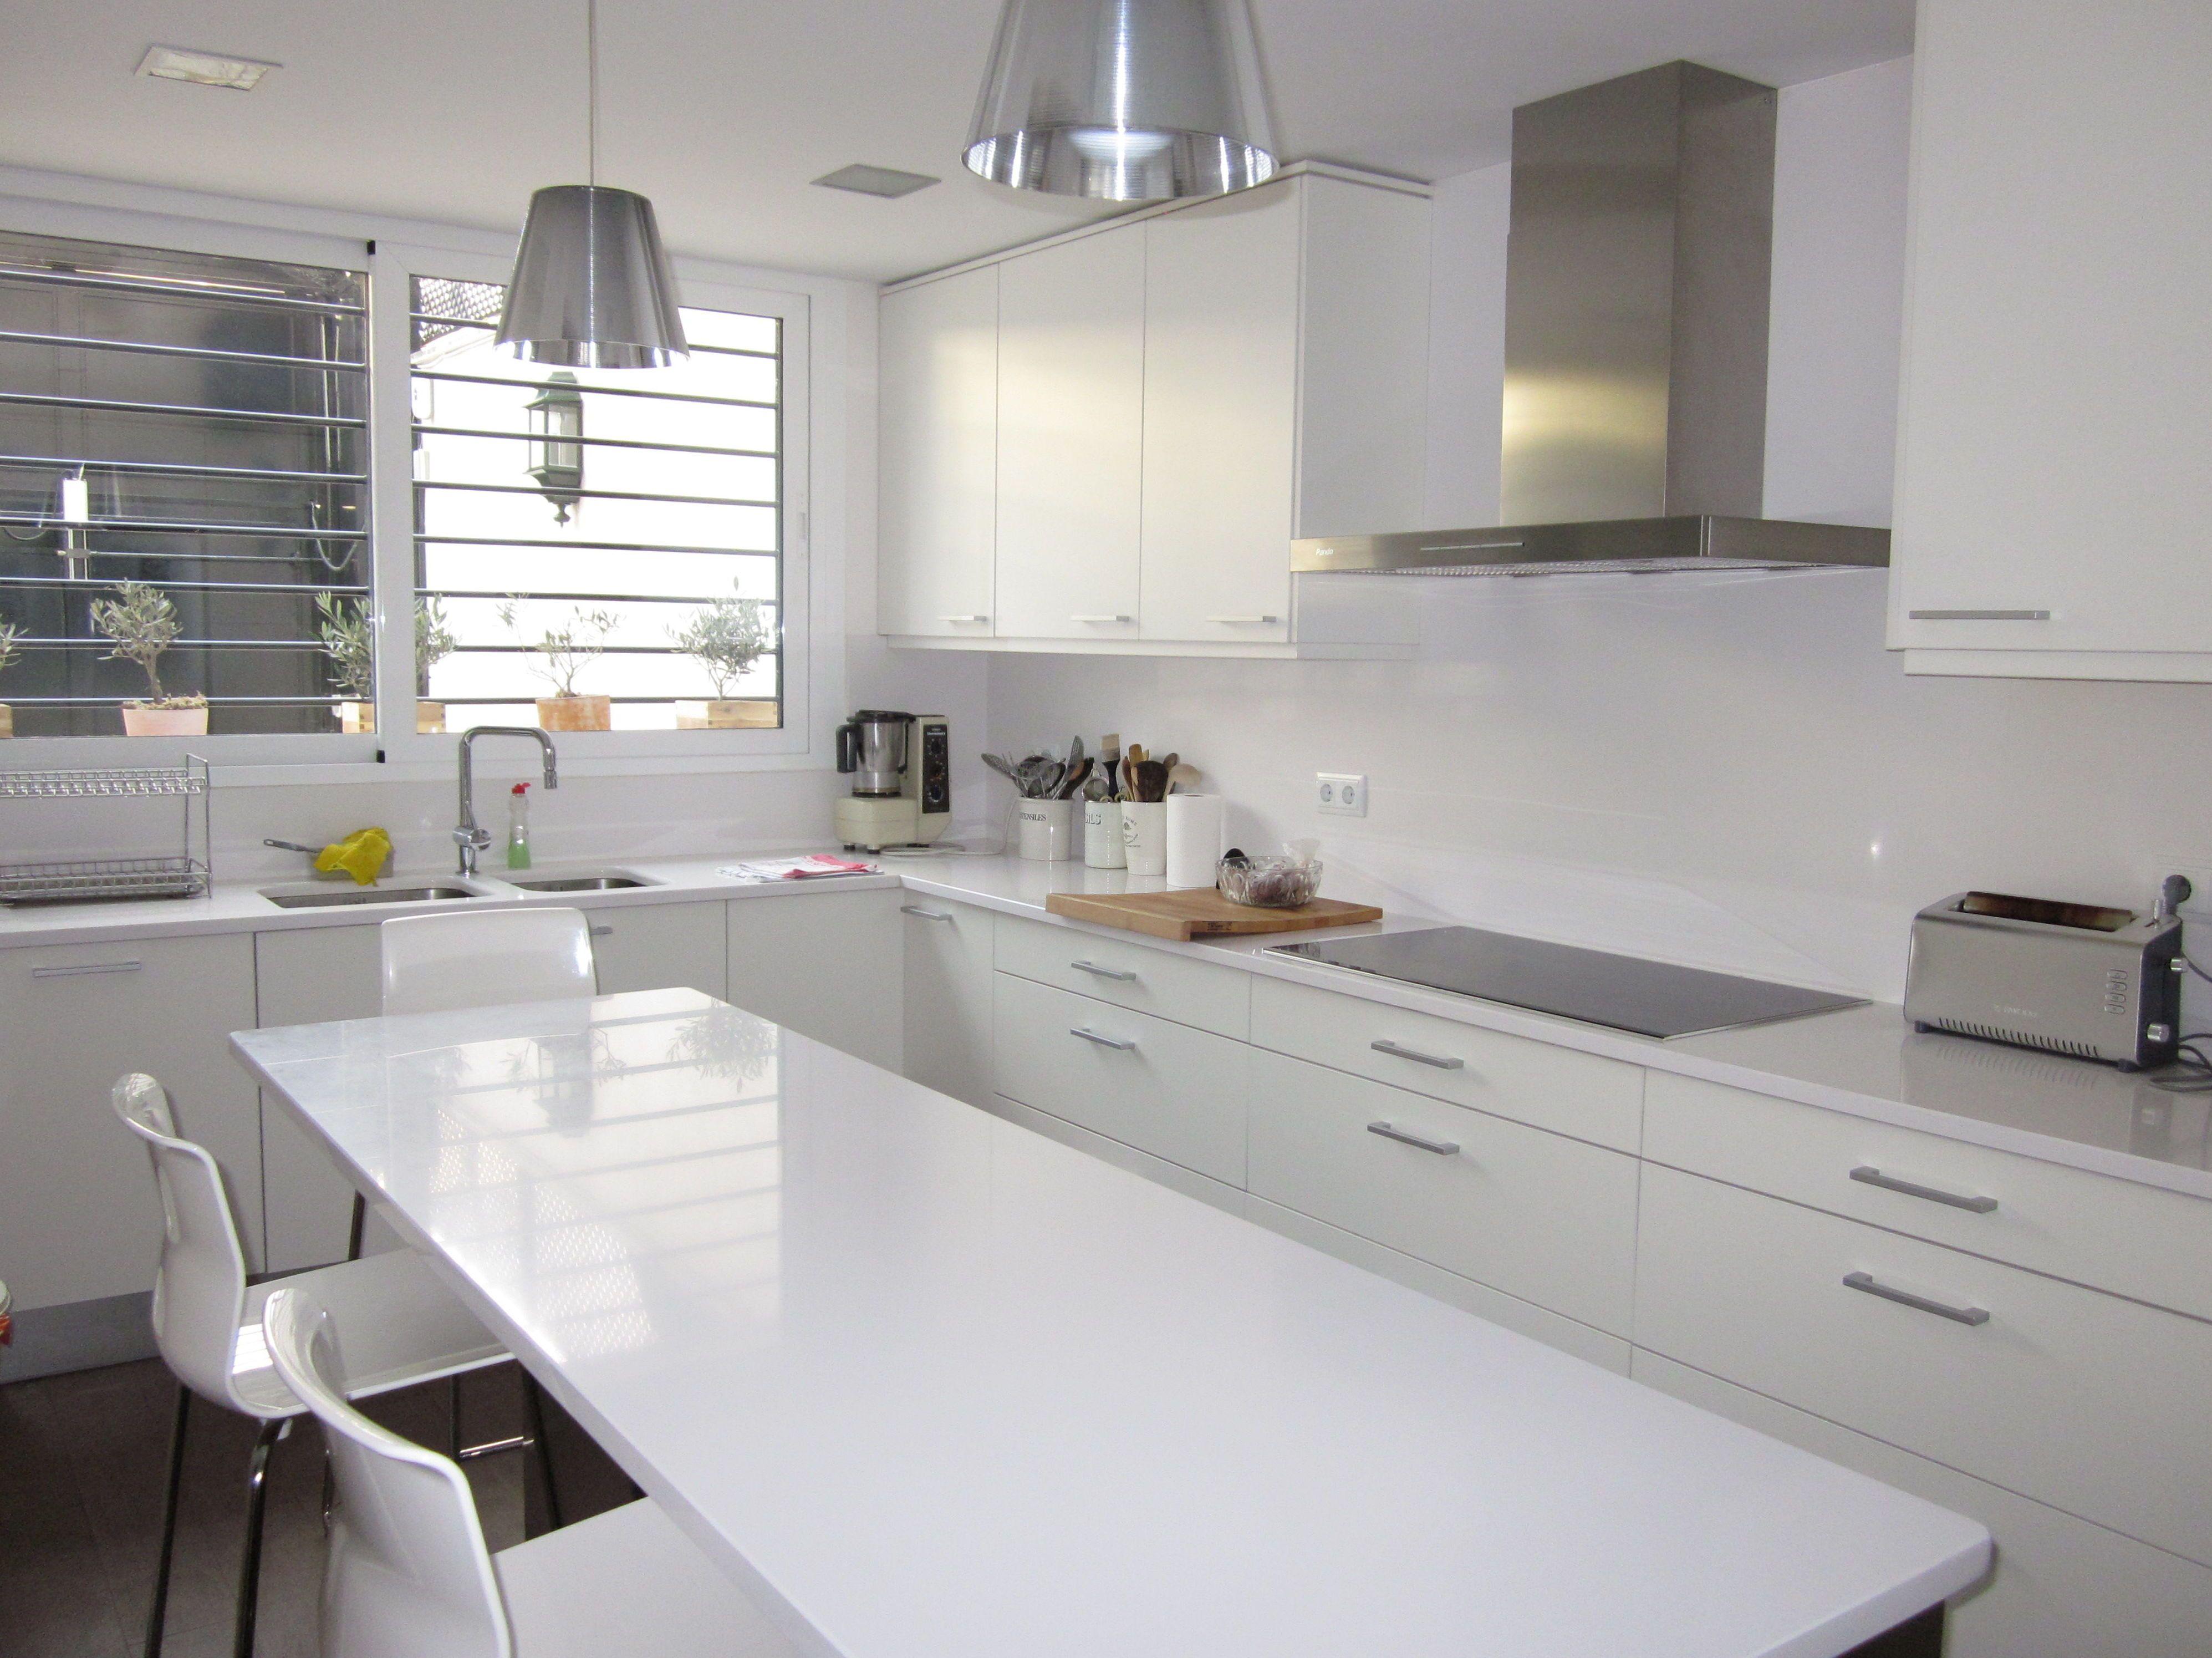 Para reformas de cocinas en Madrid centro: Lorrub